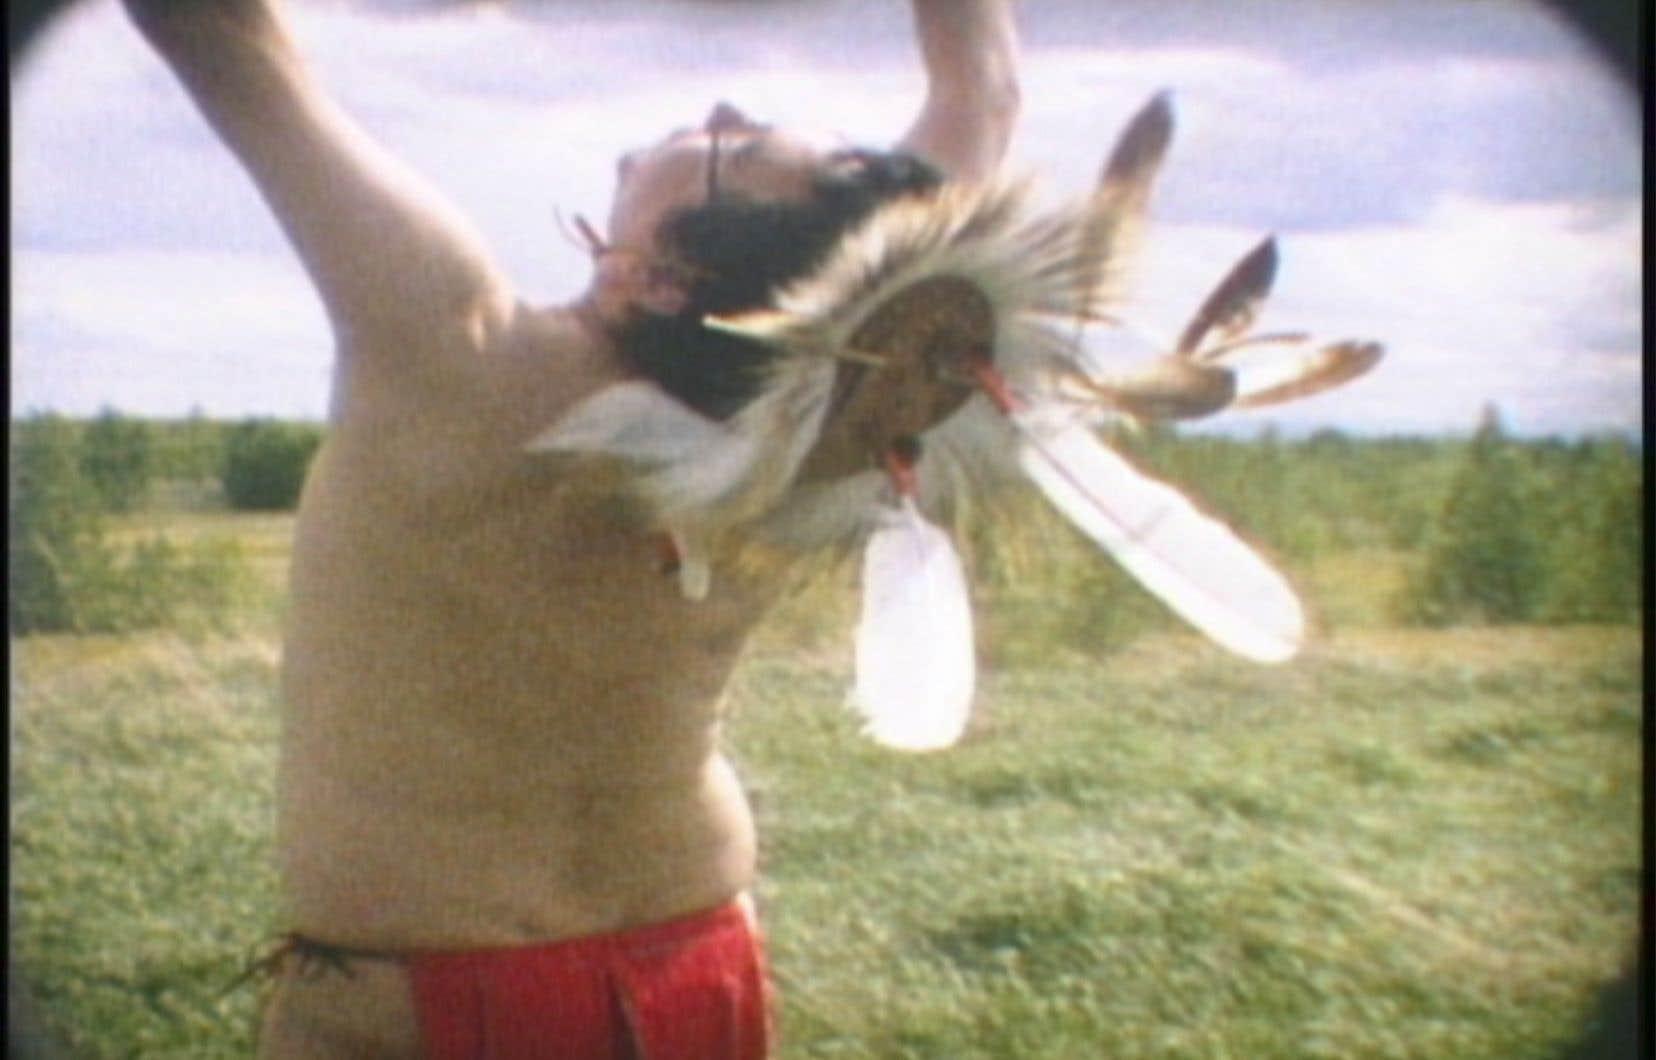 L'artiste médiatique autochtone canadien Terrance Houle présentera une conférence lors des Rencontres internationales Regards hybrides. Sur la photo, un extrait de son film <em>Landscape</em>, filmé en super 8.